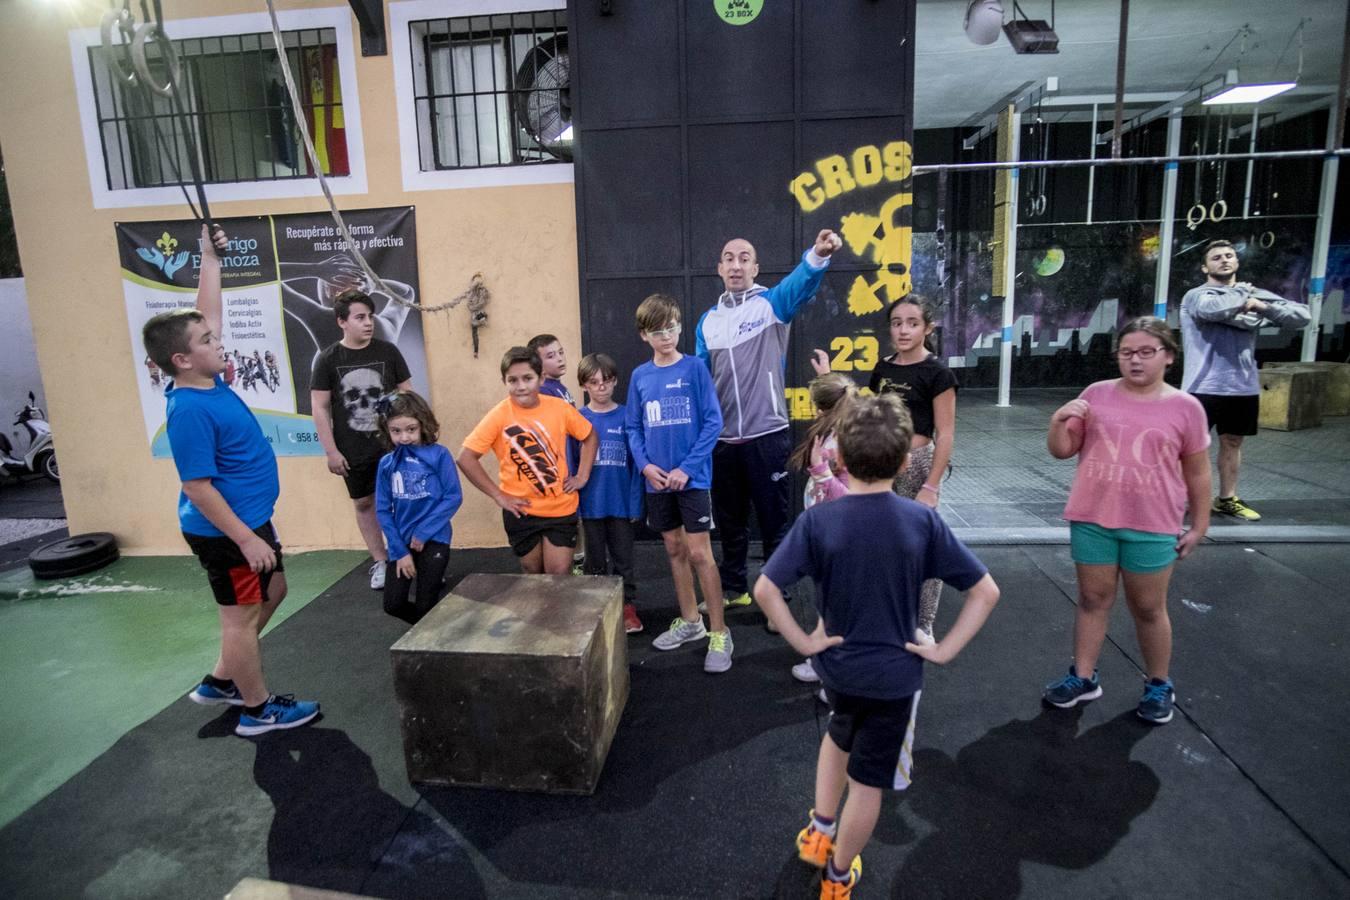 El crossfit, una fórmula divertida para combatir el sedentarismo